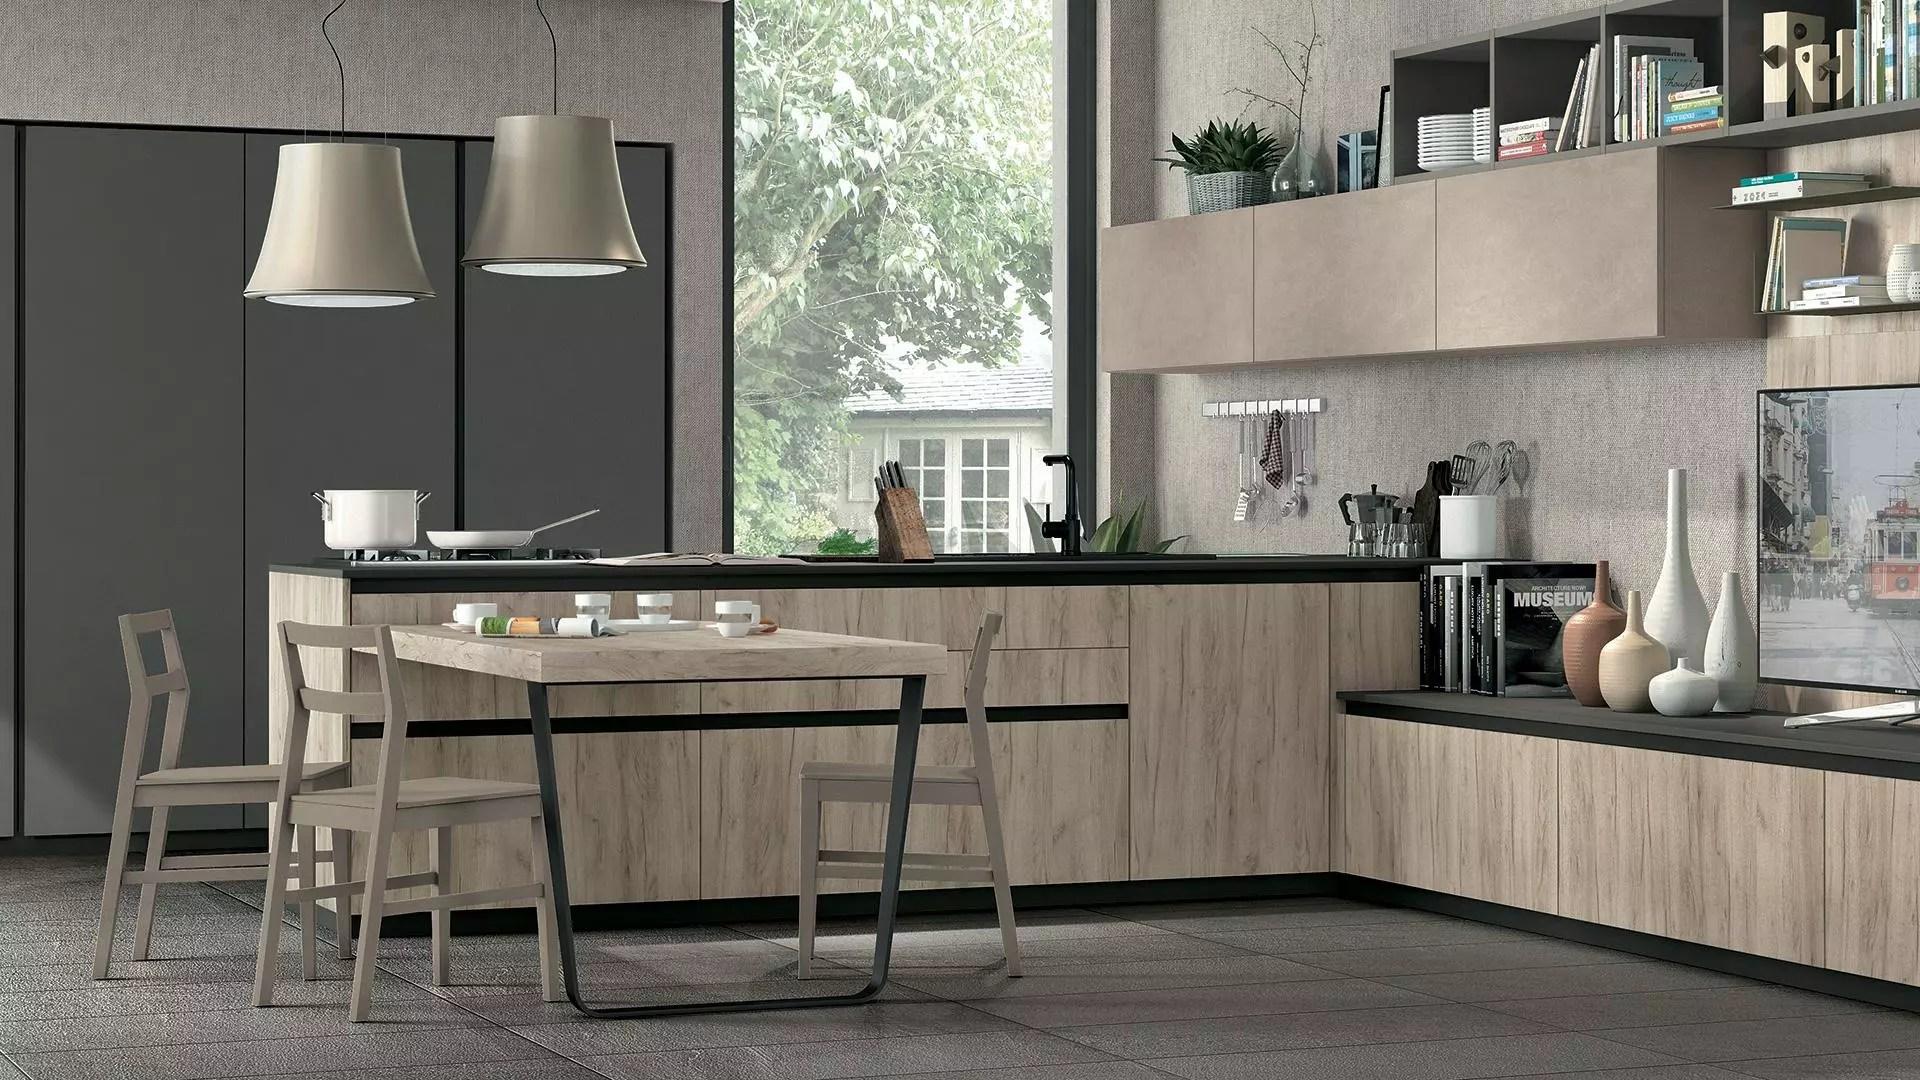 Modelli Di Cucina | Modelli Di Cucina In Muratura Modelli Di Cucine ...